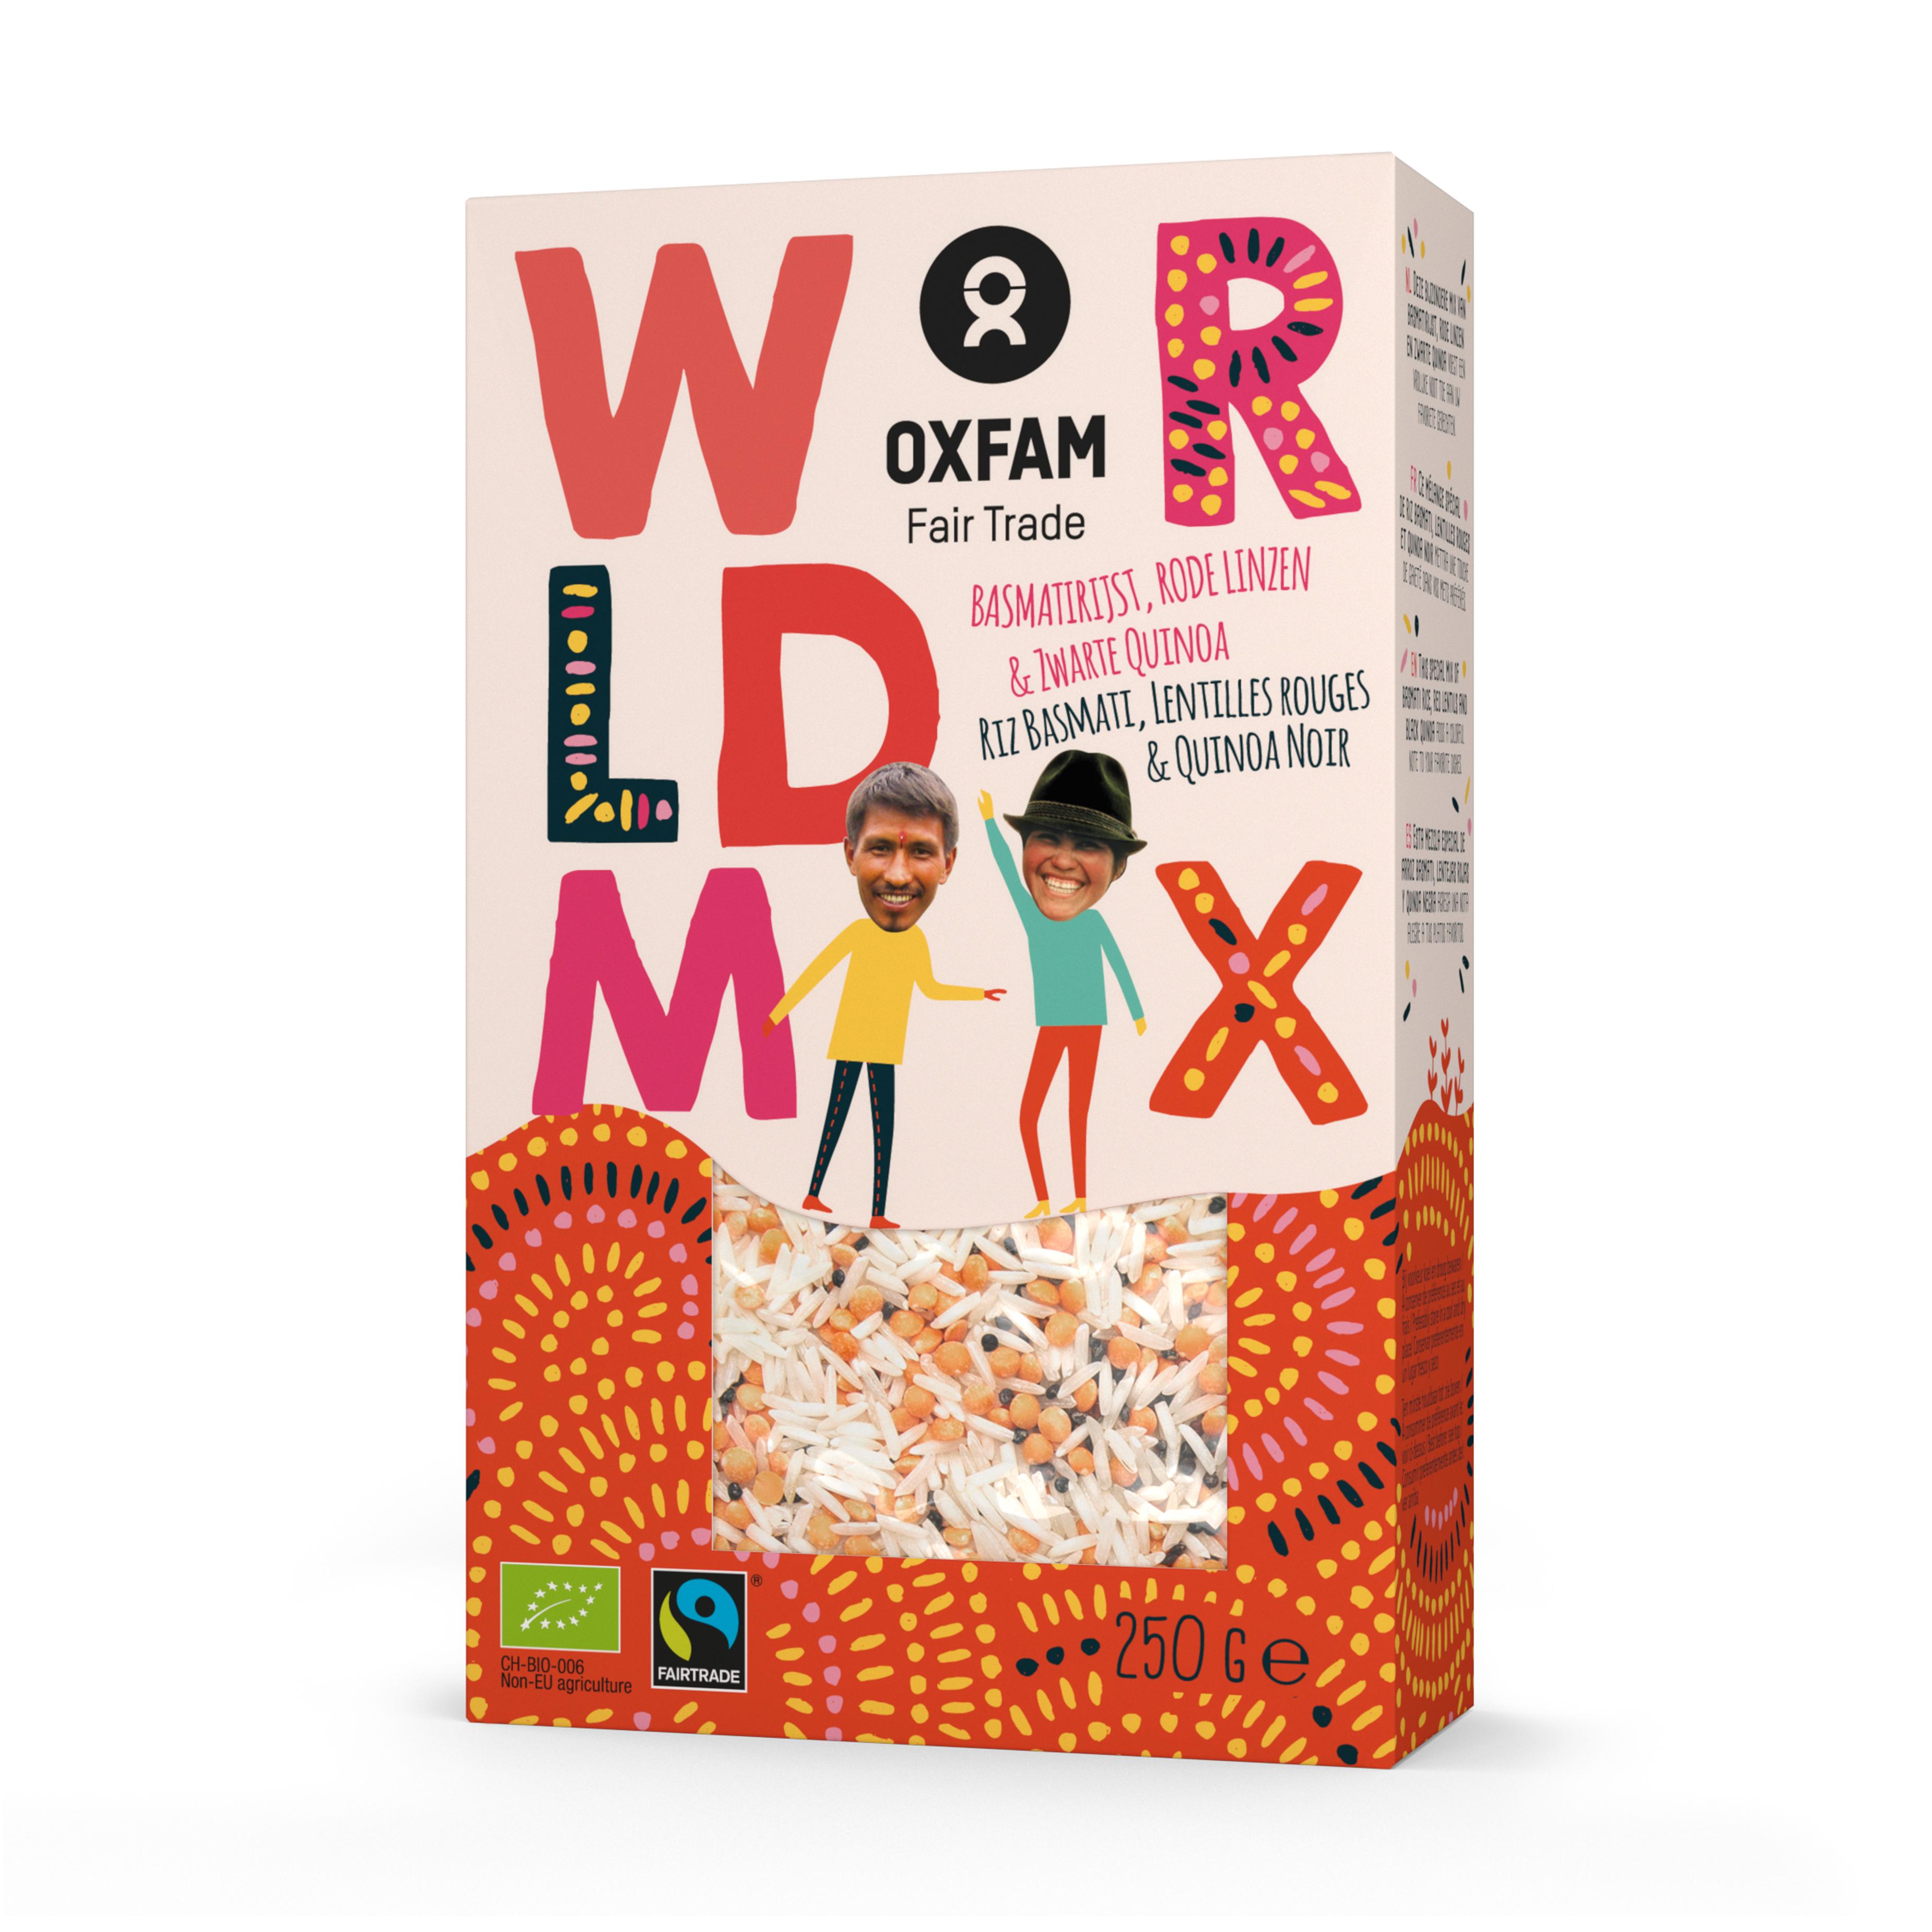 Oxfam Fair Trade 27113